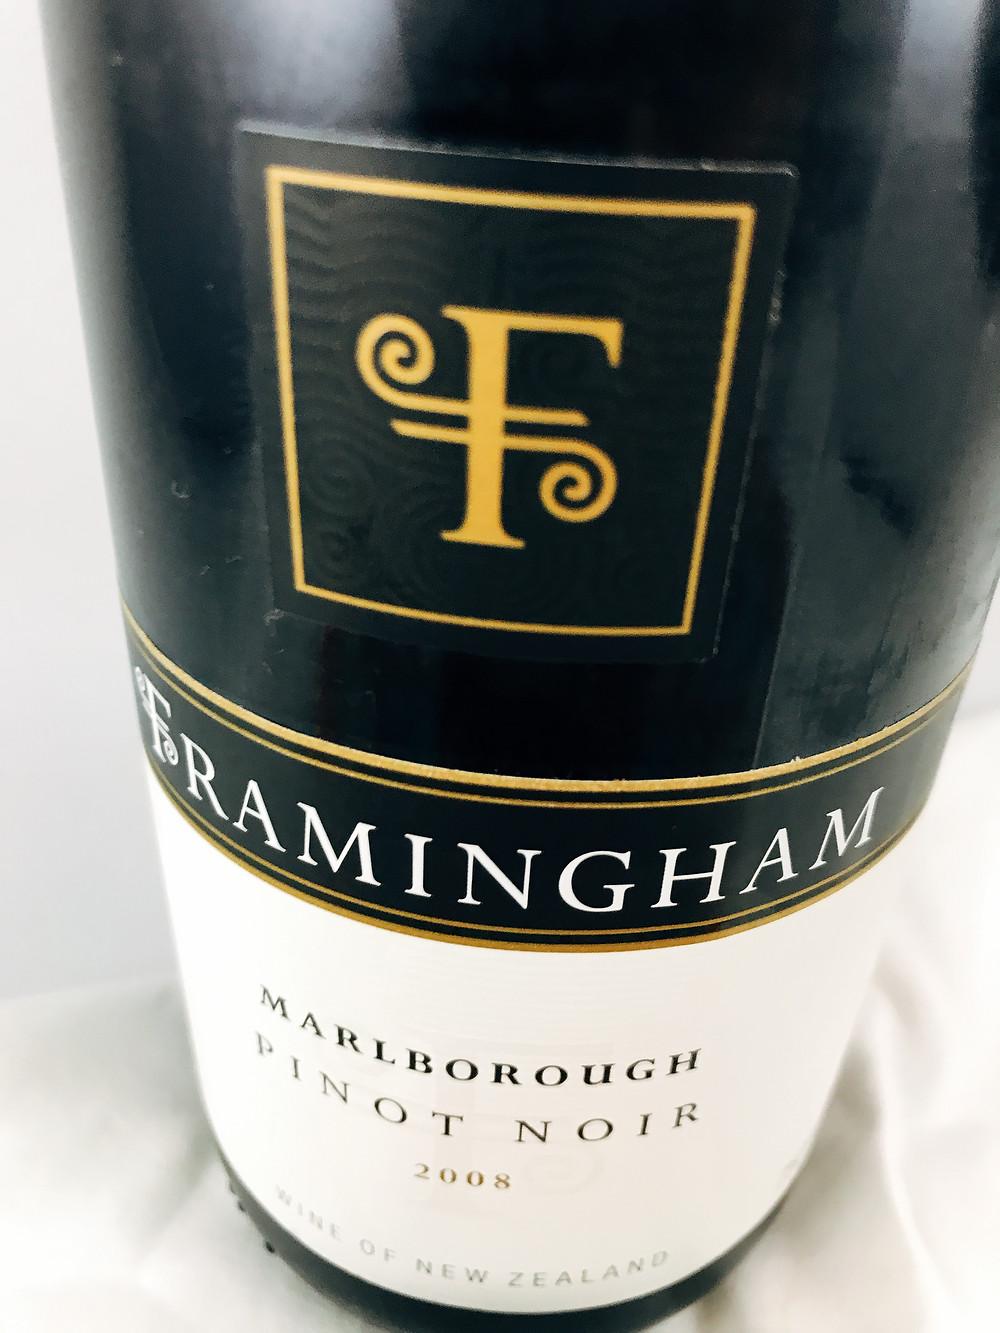 Framingham Pinot Noir 2008